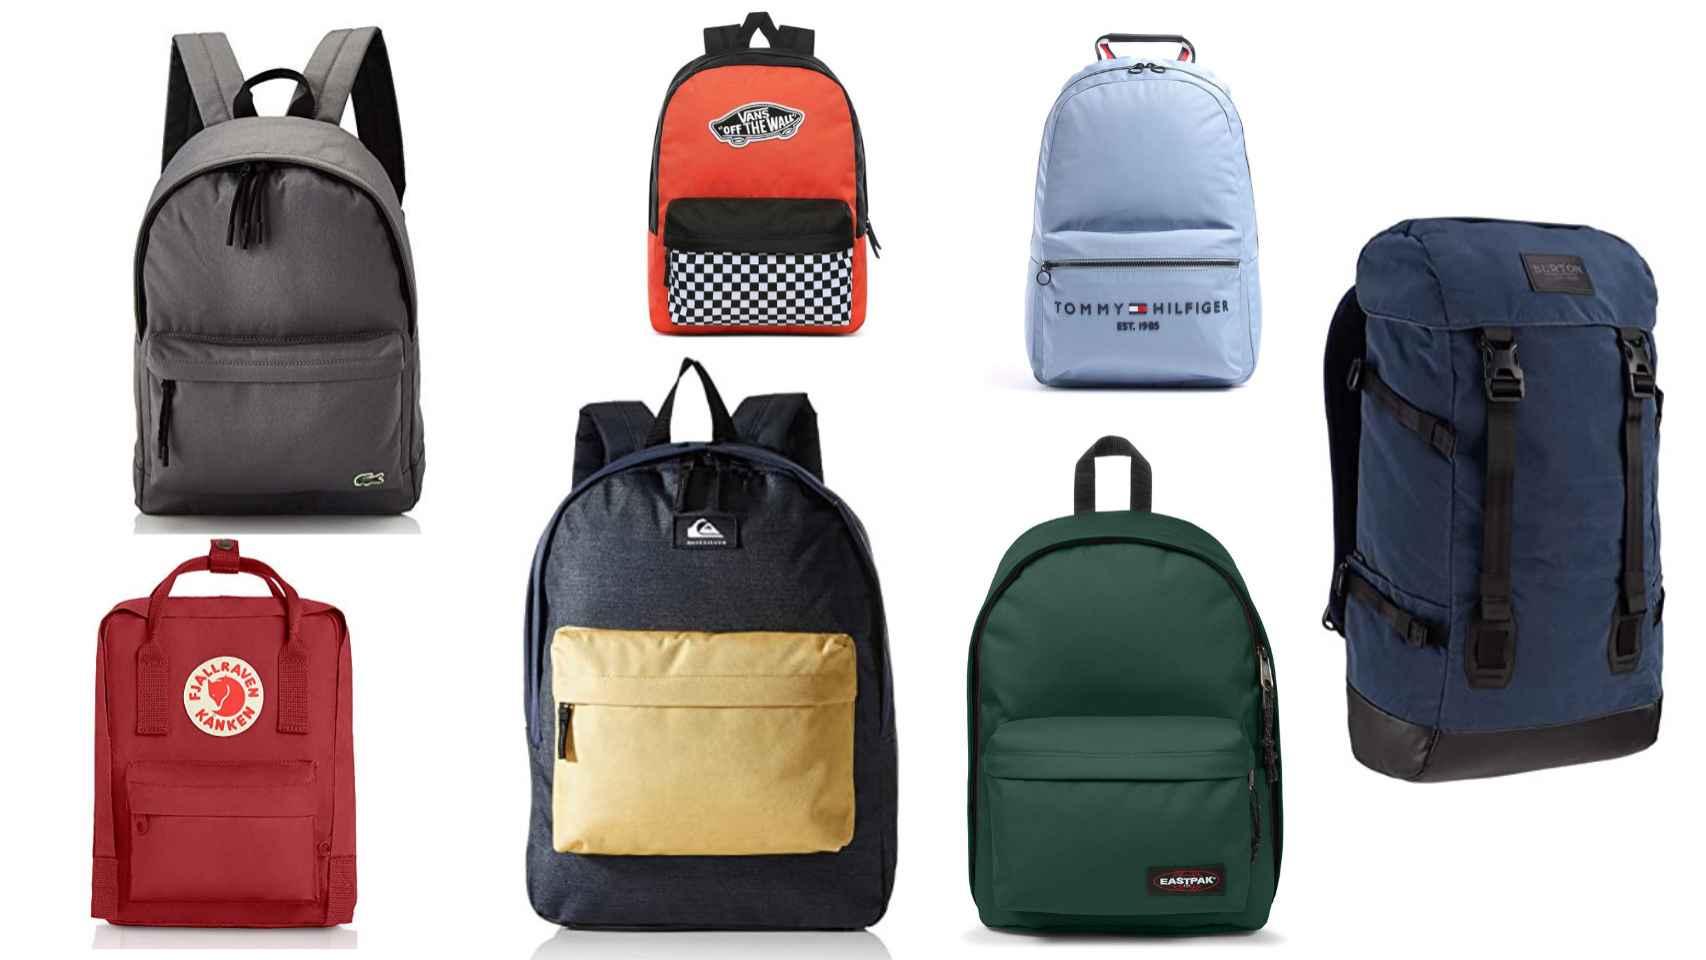 Las mejores mochilas para el día a día: Vans, Fjallraven Kanken, Tommy Hilfiger, Lacoste…